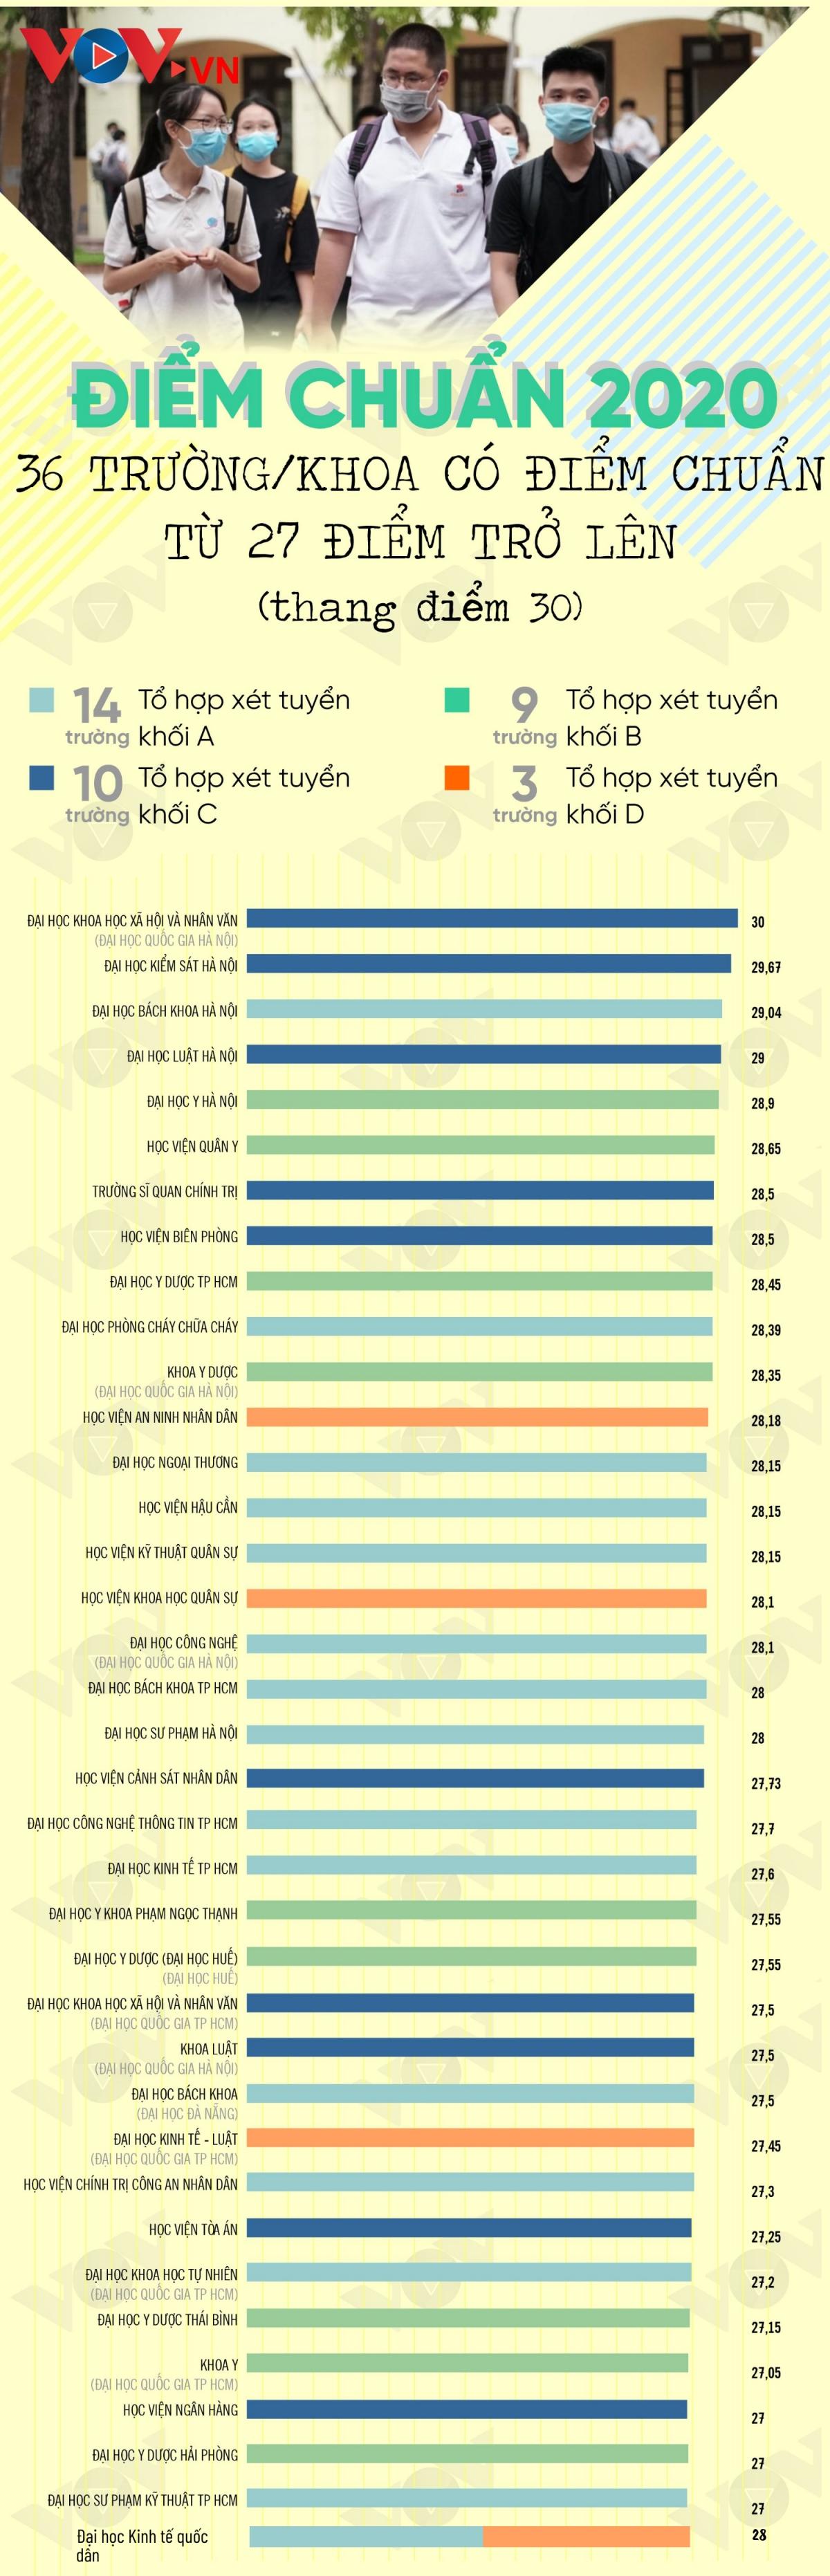 Những trường đại học nào có điểm chuẩn năm 2020 cao từ 27 điểm trở lên?